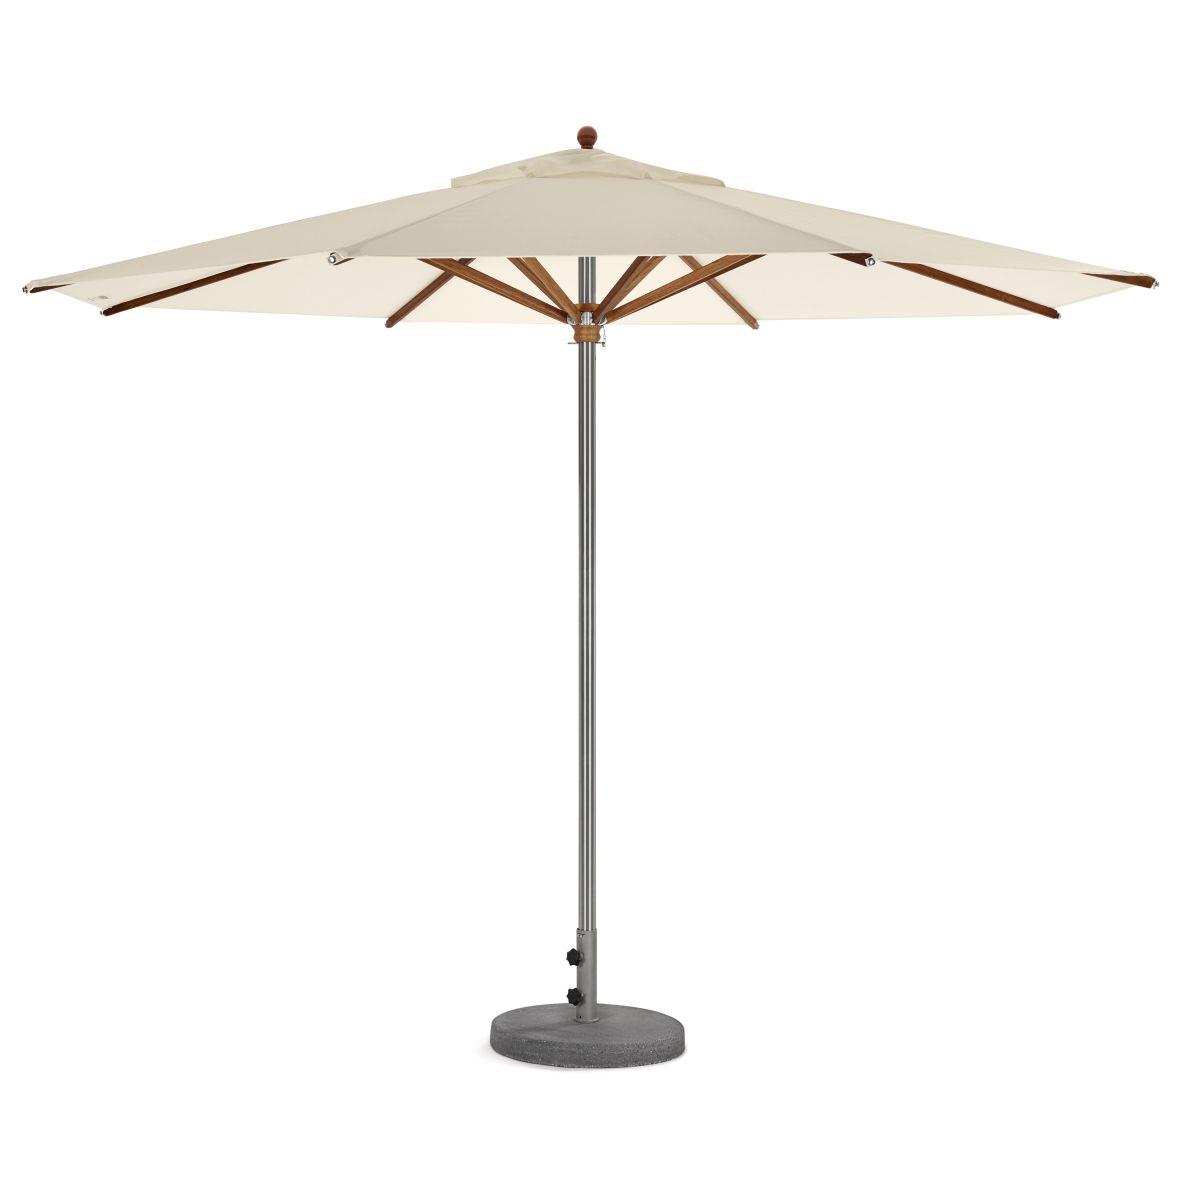 TREND Sonnenschirm rund 350 cm nach Kundenwunsch